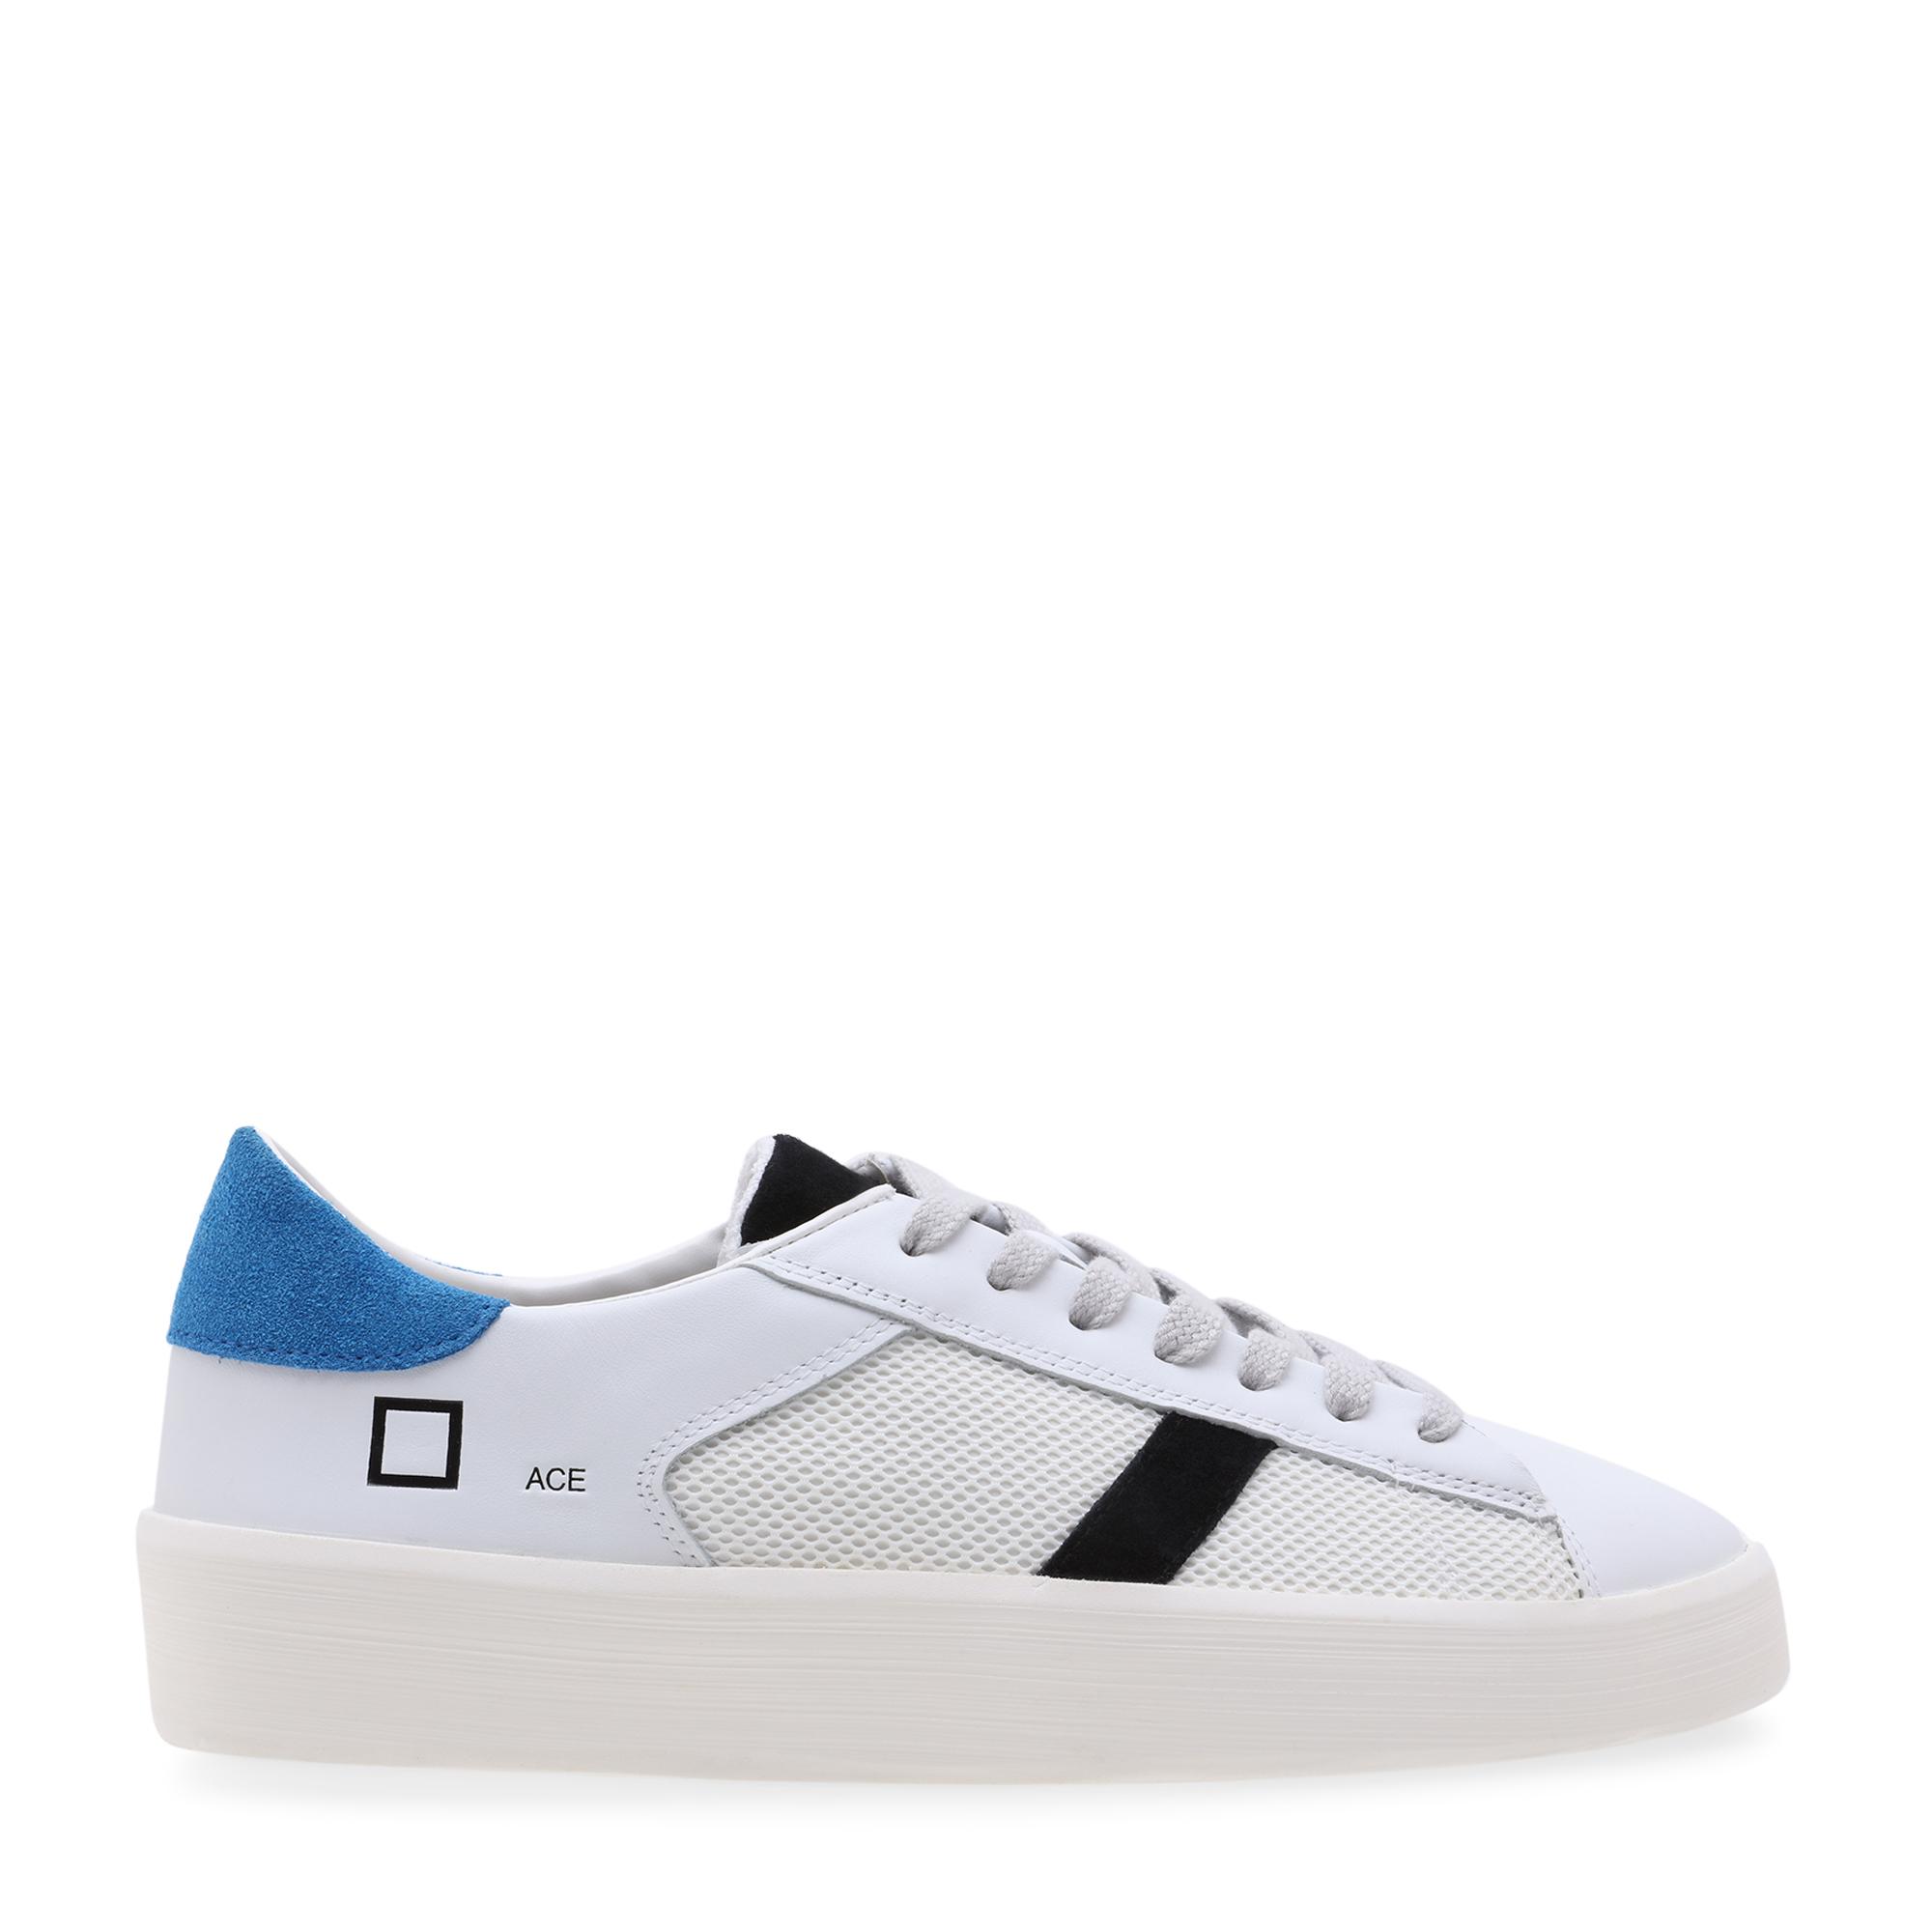 Ace Net sneakers